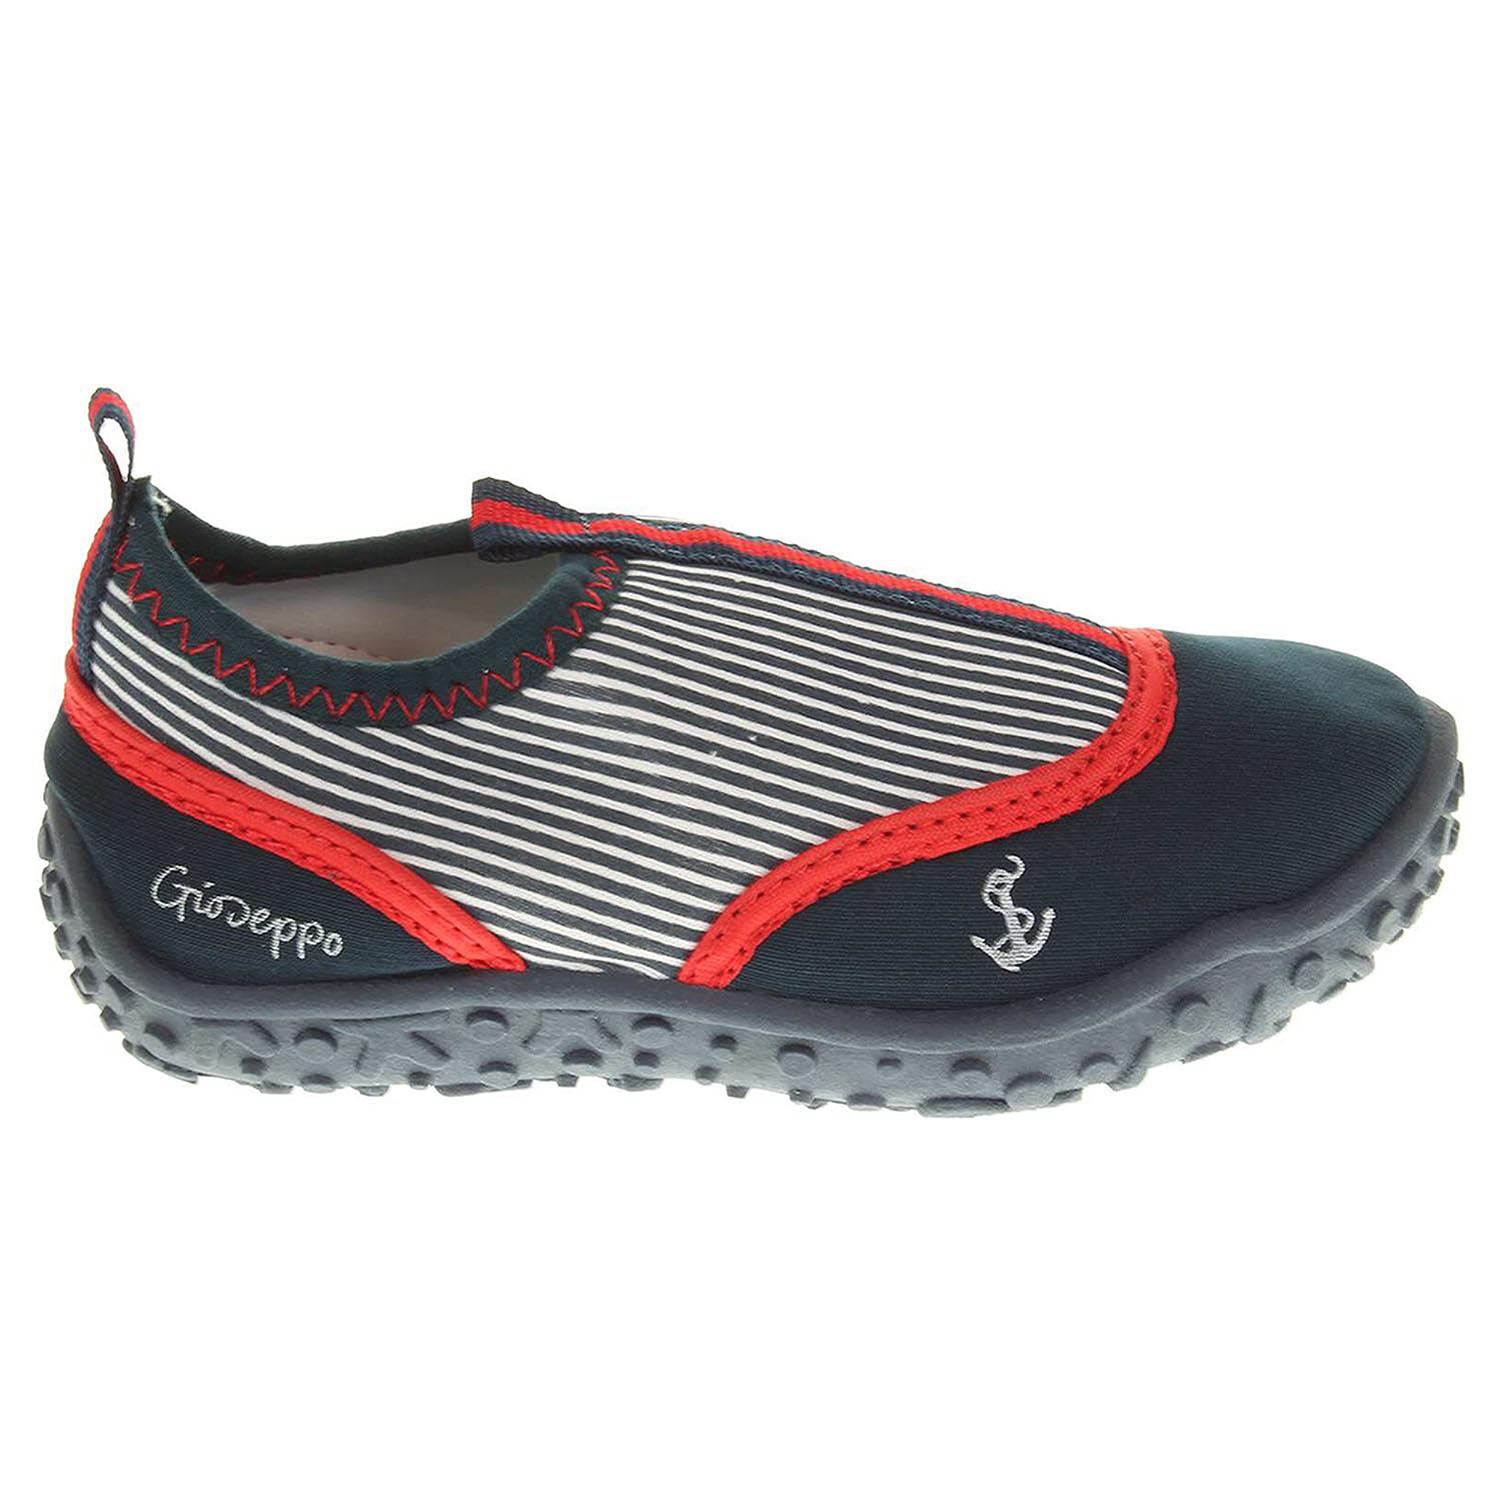 Ecco Gioseppo Biriola navy chlapecká obuv do vody 30100010